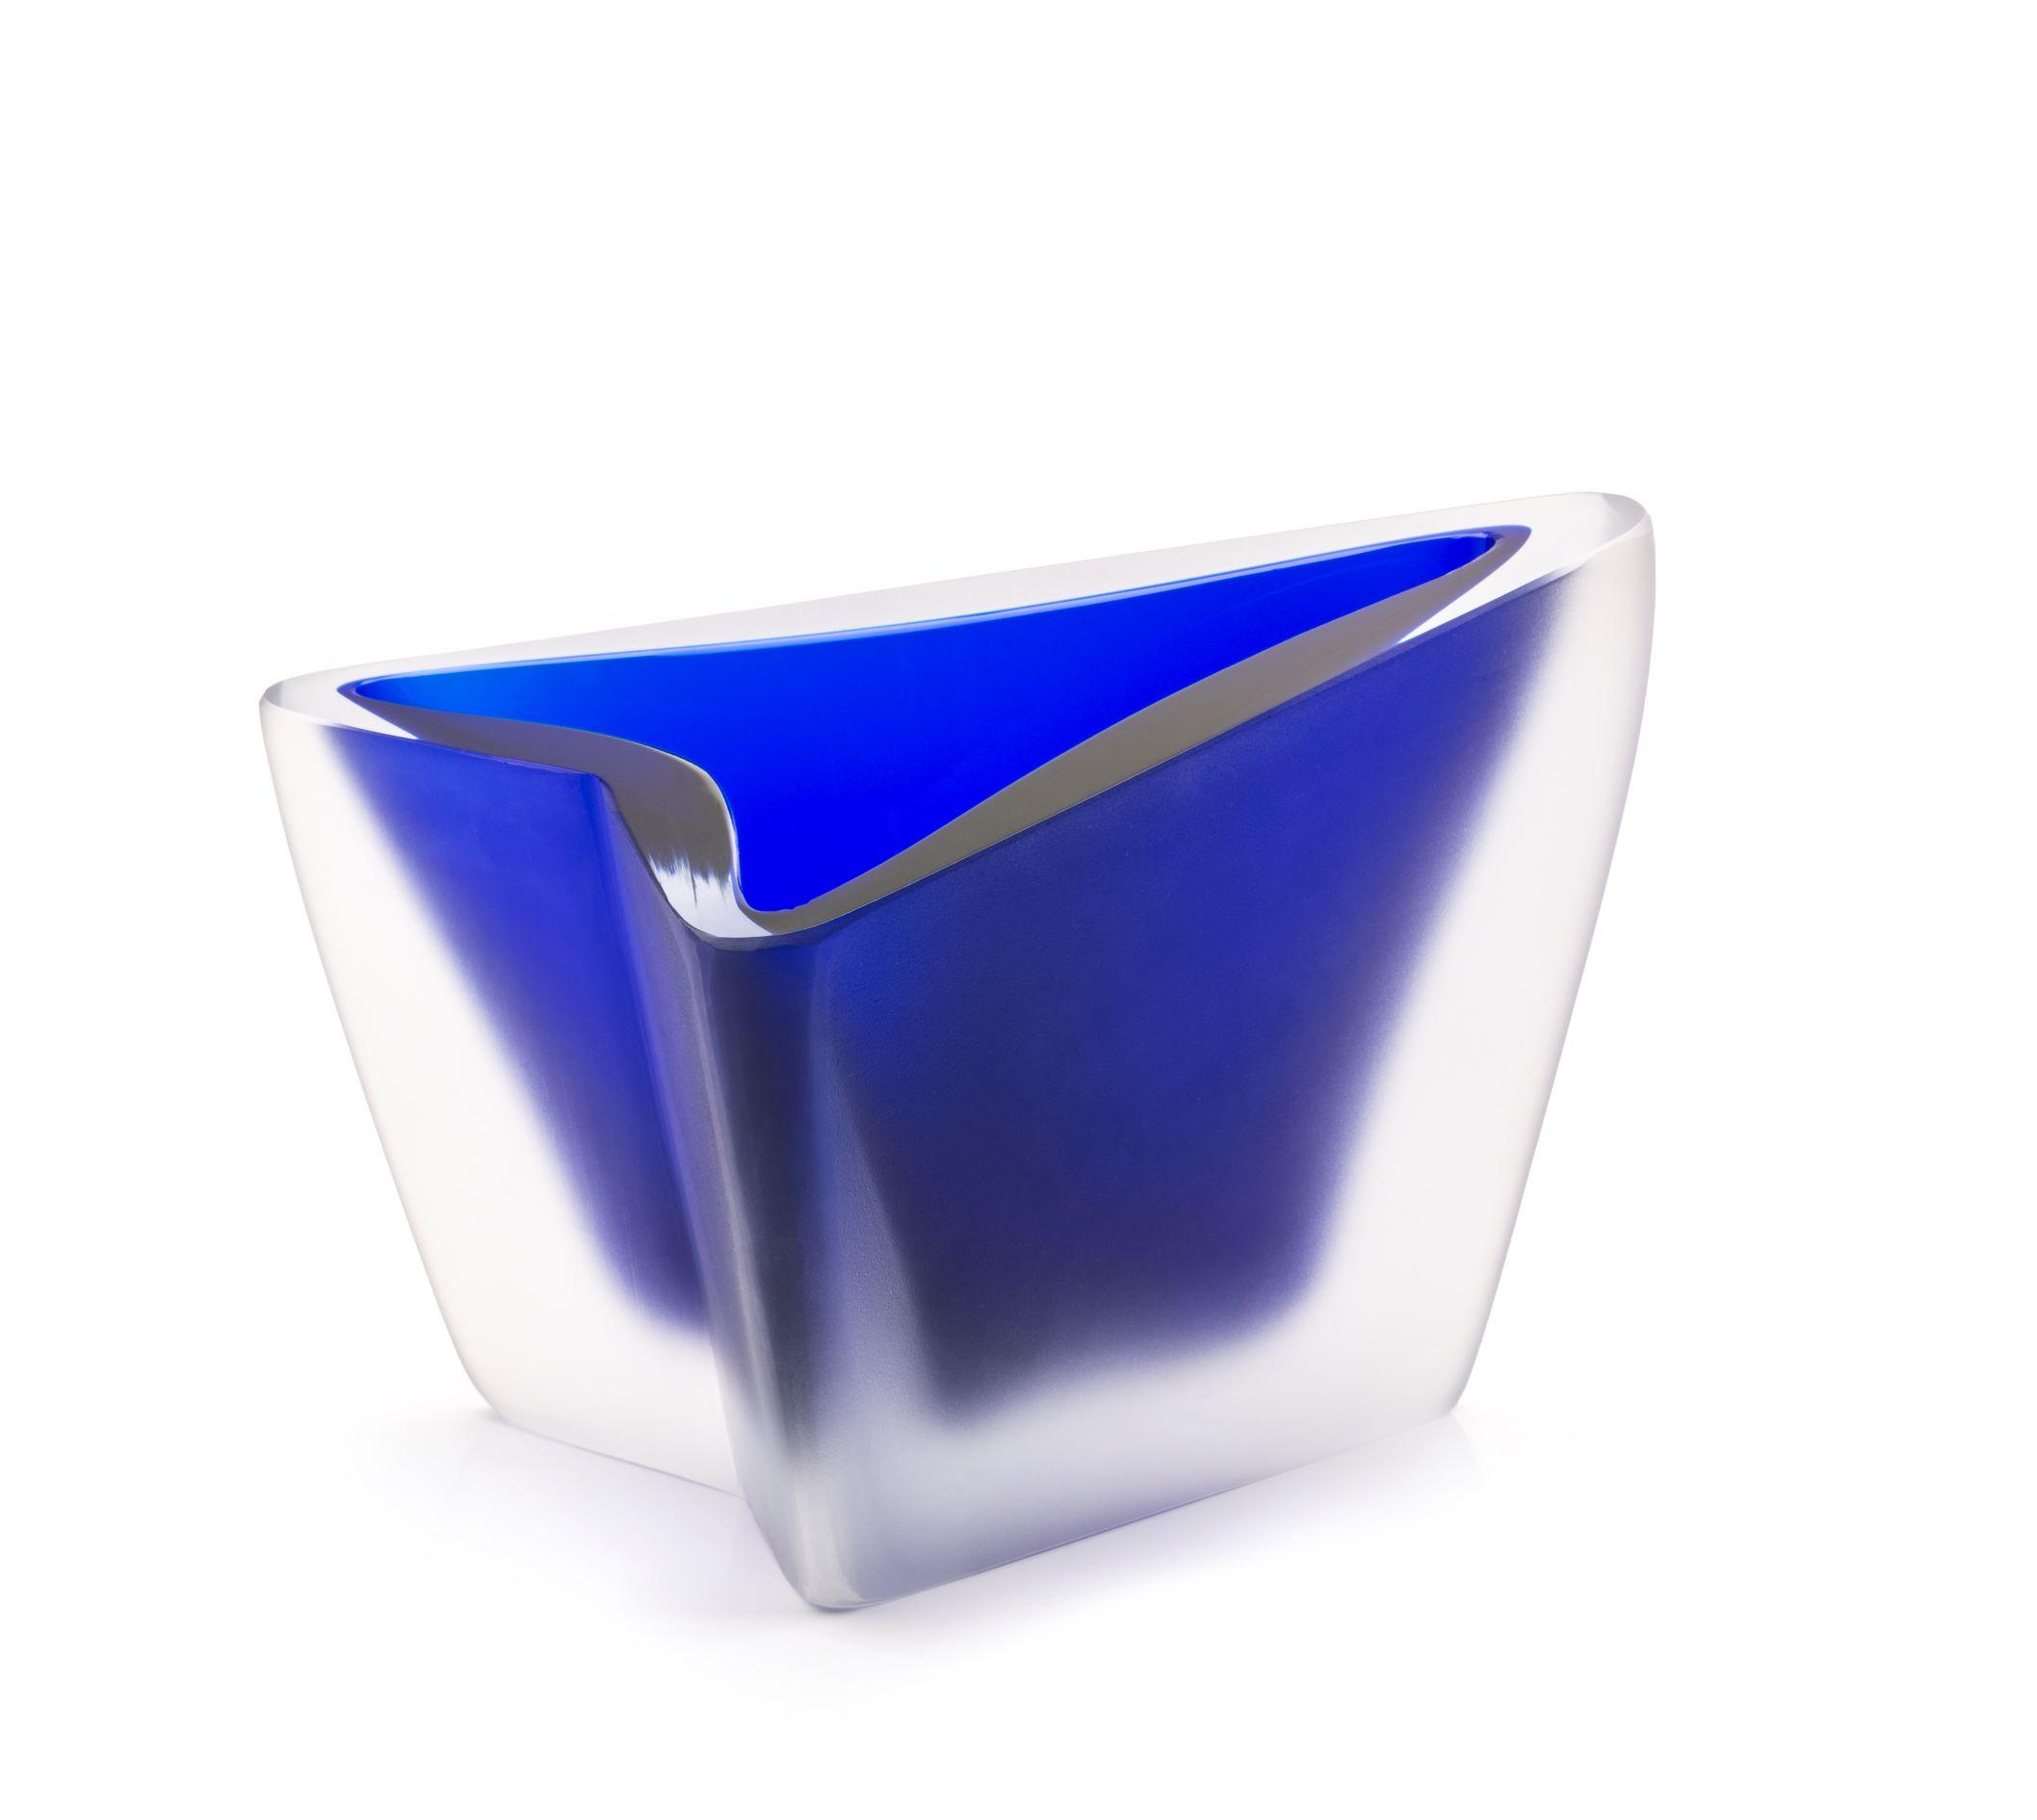 Freccia Small Vase